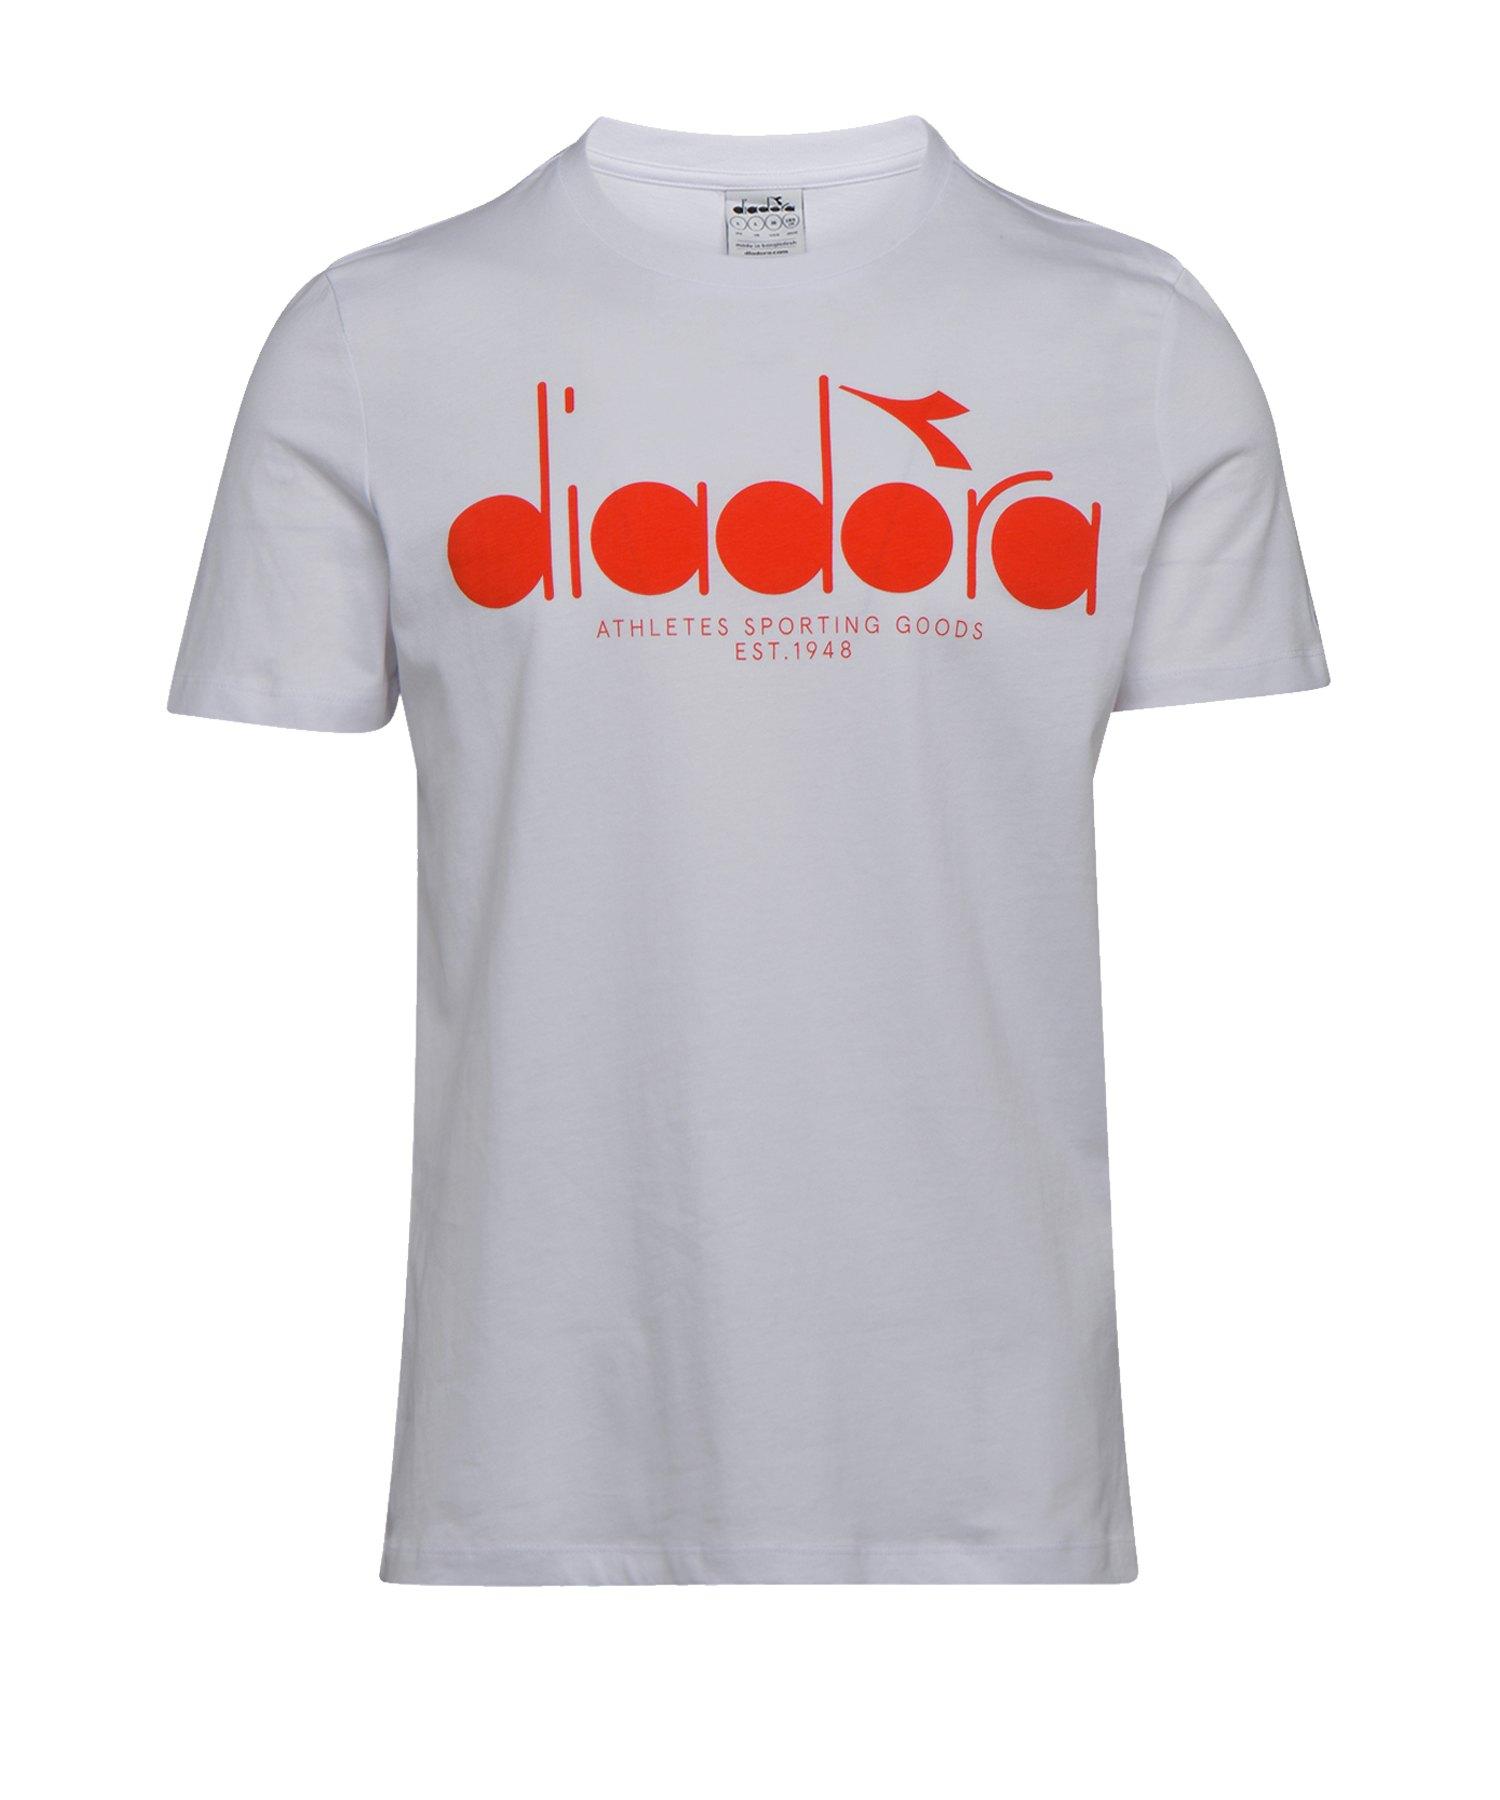 Diadora T-Shirt BL Weiss C8106 - weiss